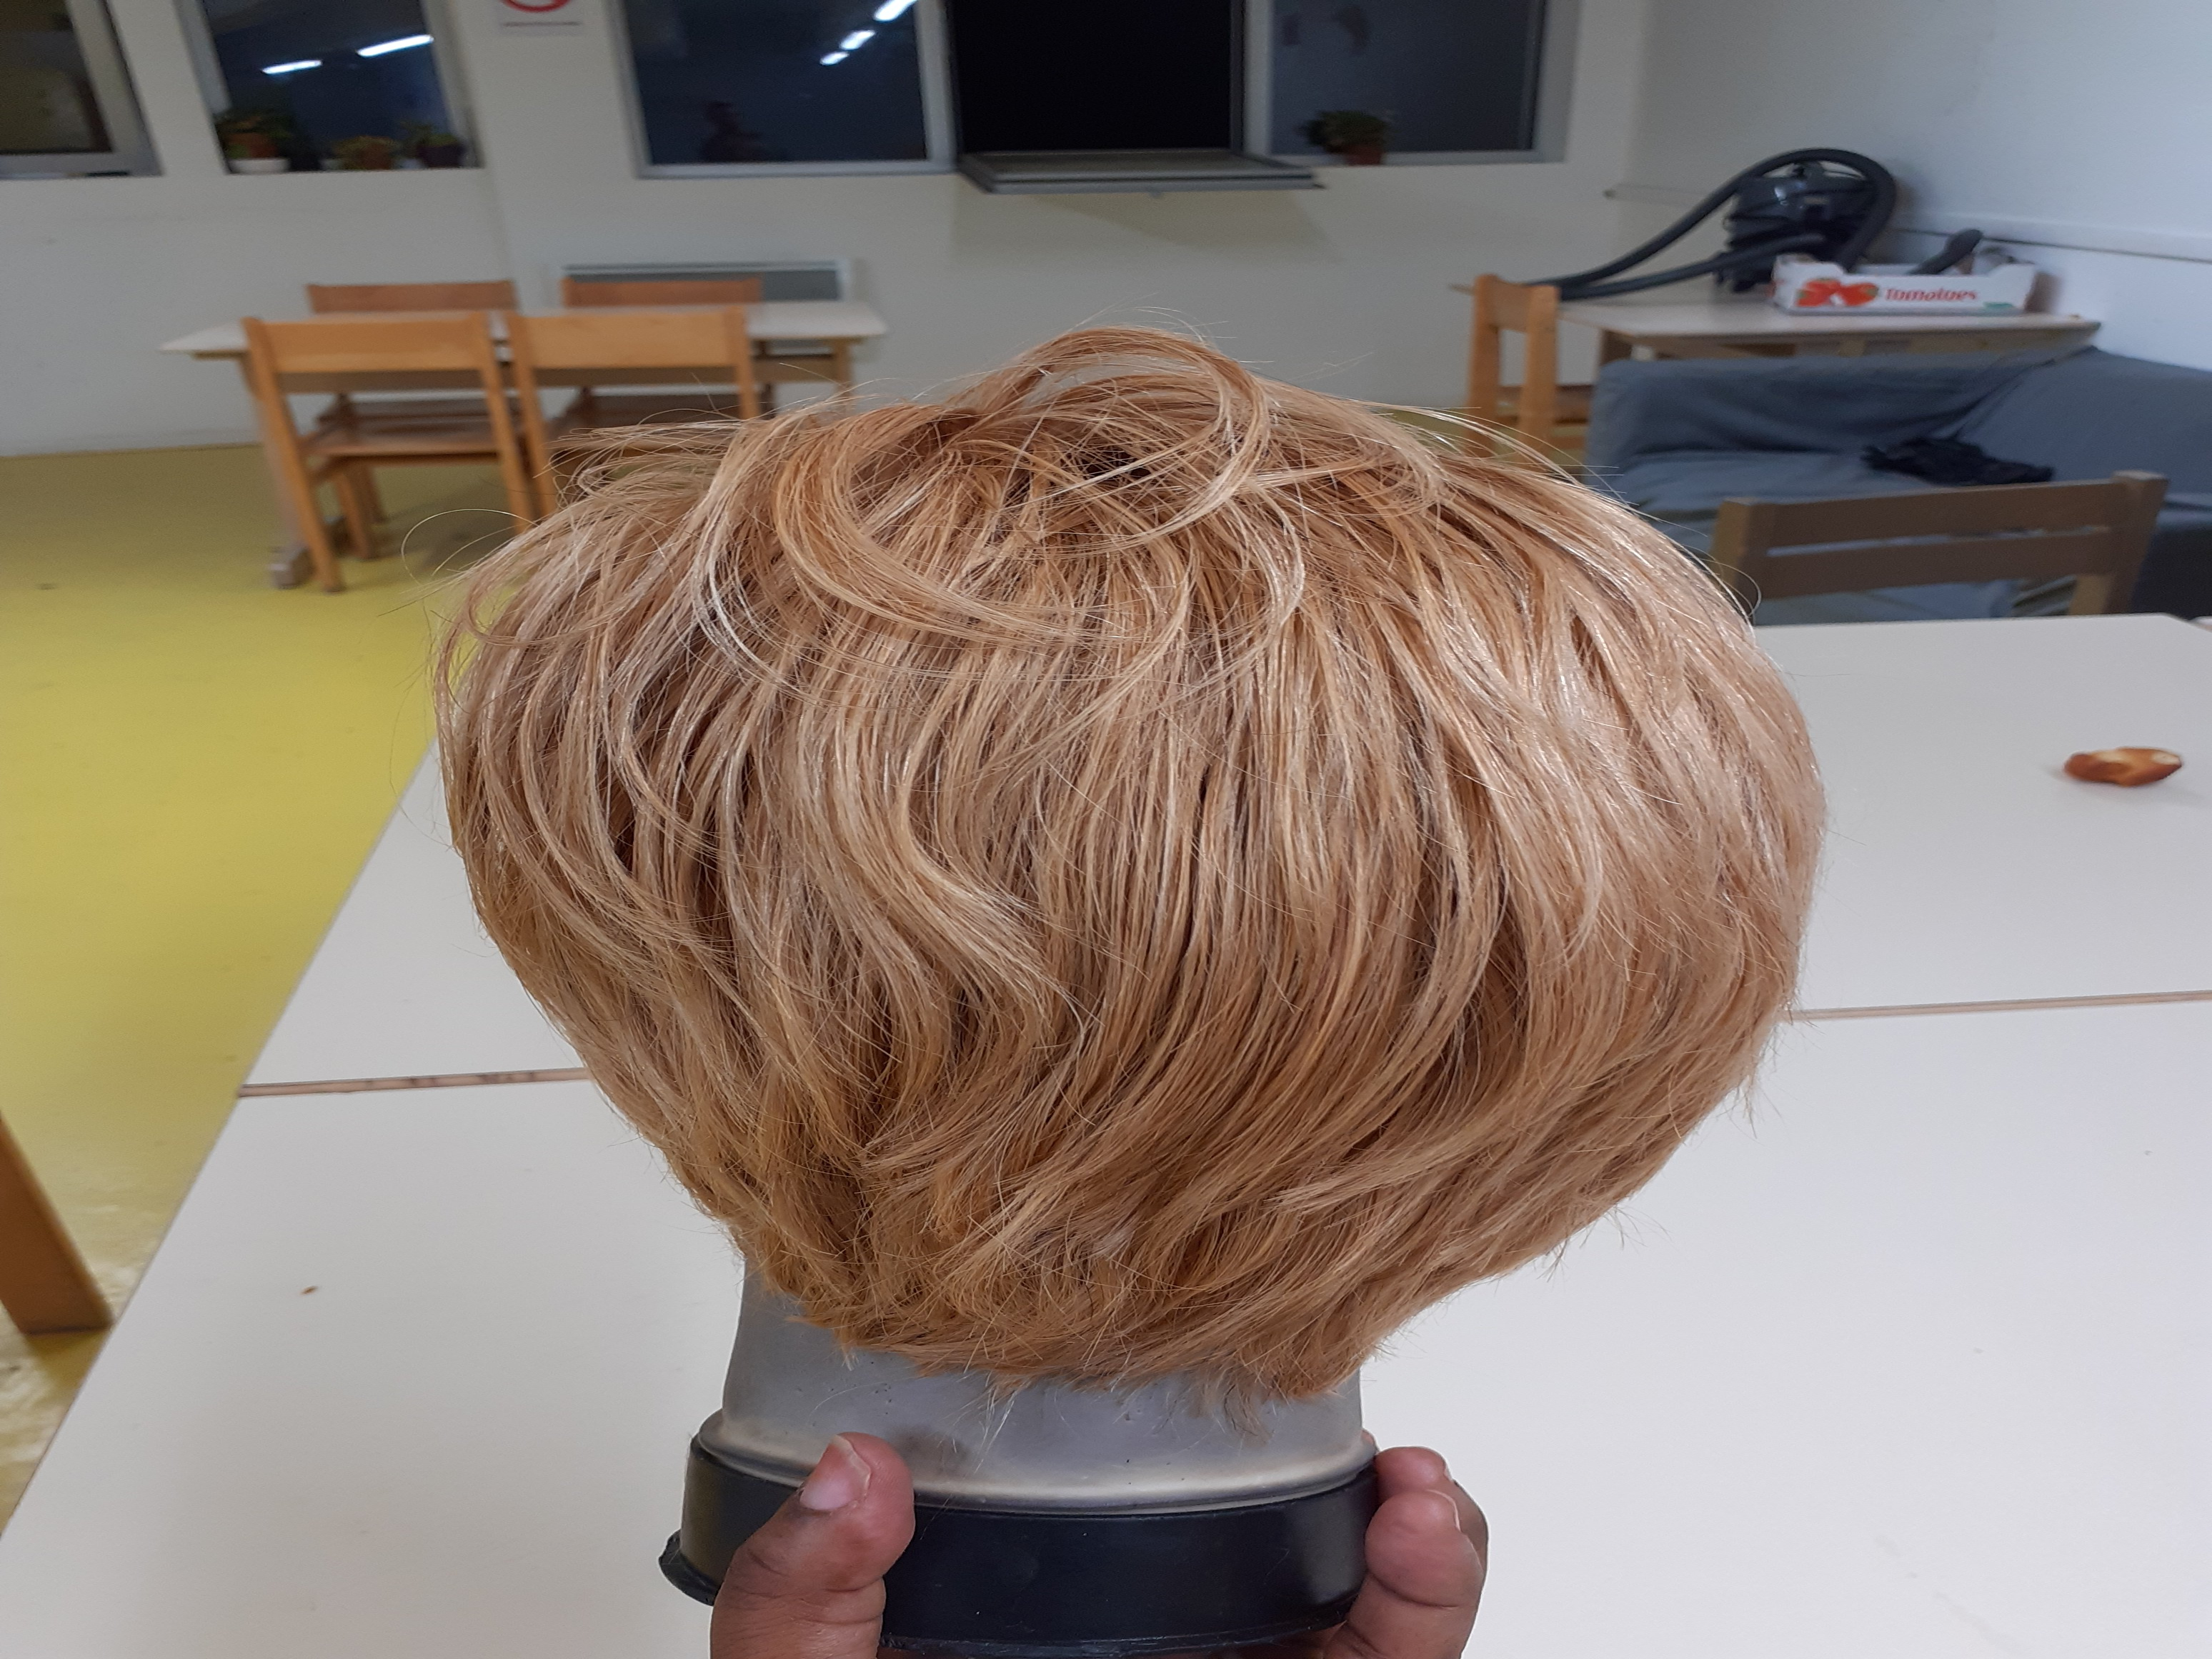 salon de coiffure afro tresse tresses box braids crochet braids vanilles tissages paris 75 77 78 91 92 93 94 95 XCWHDCJF